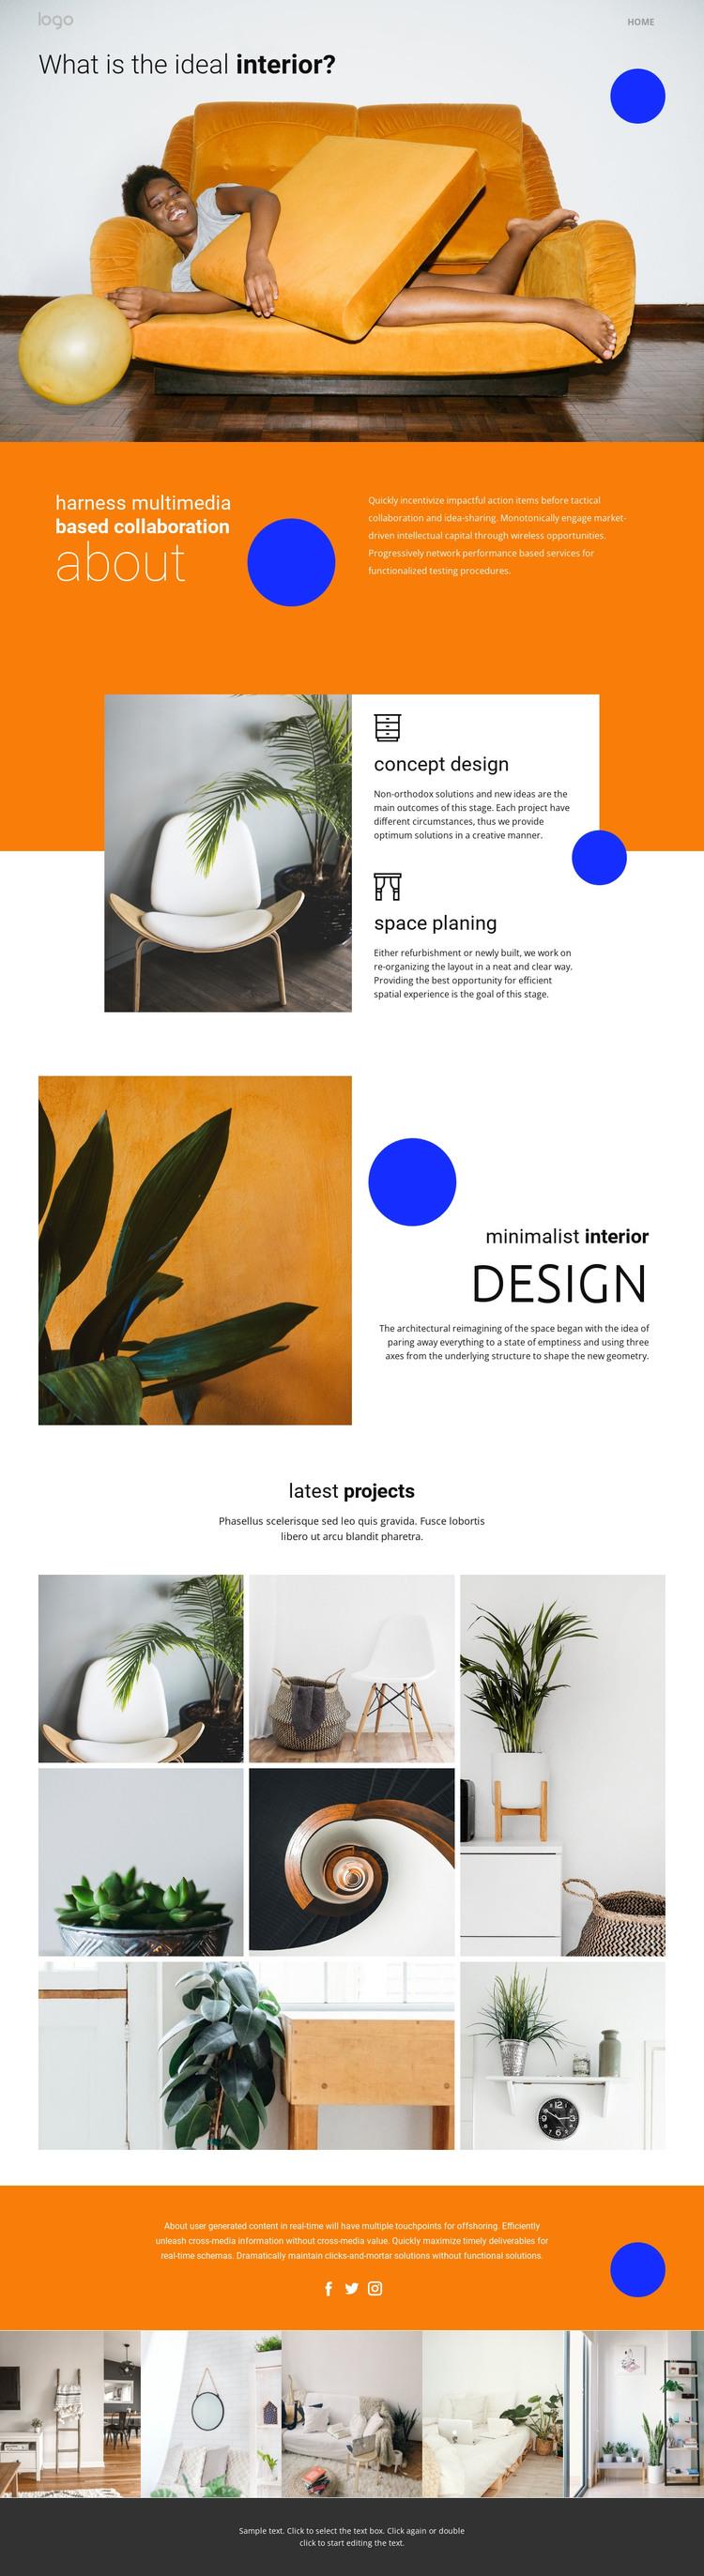 Multimedia based interior  Web Design